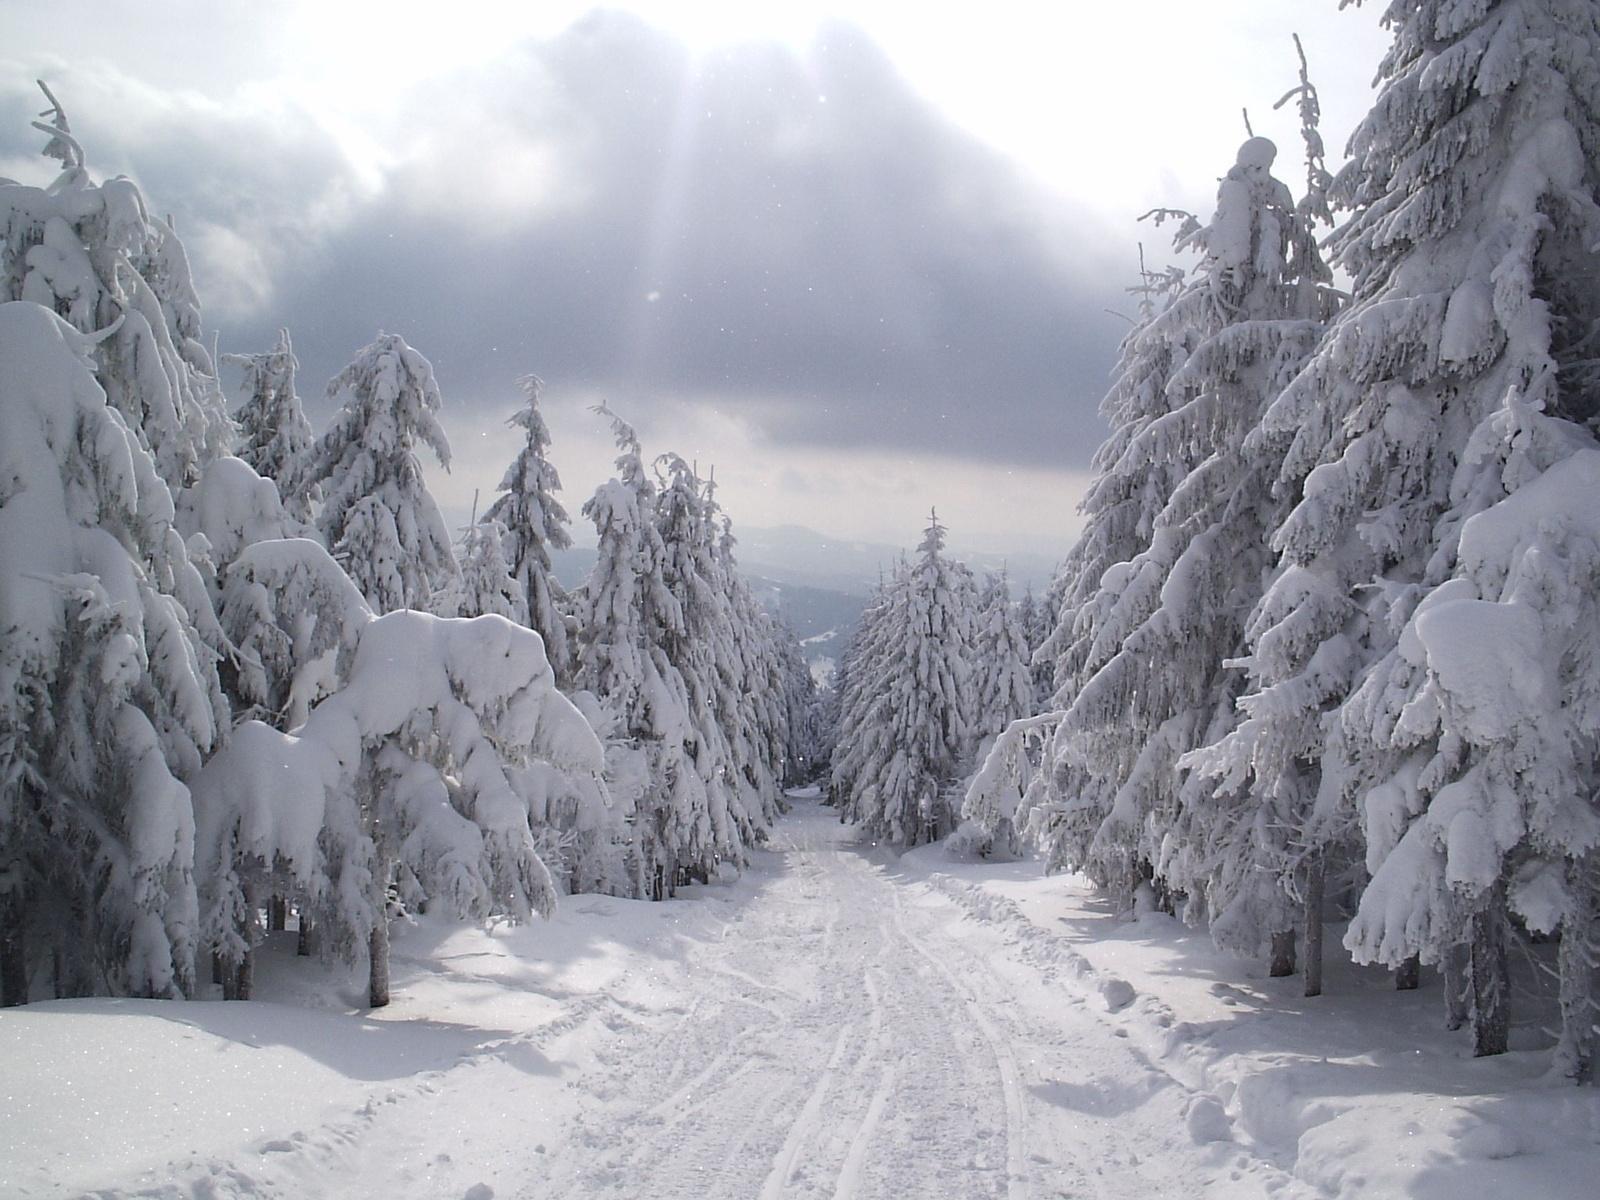 артистка фото и стихи о зиме этом